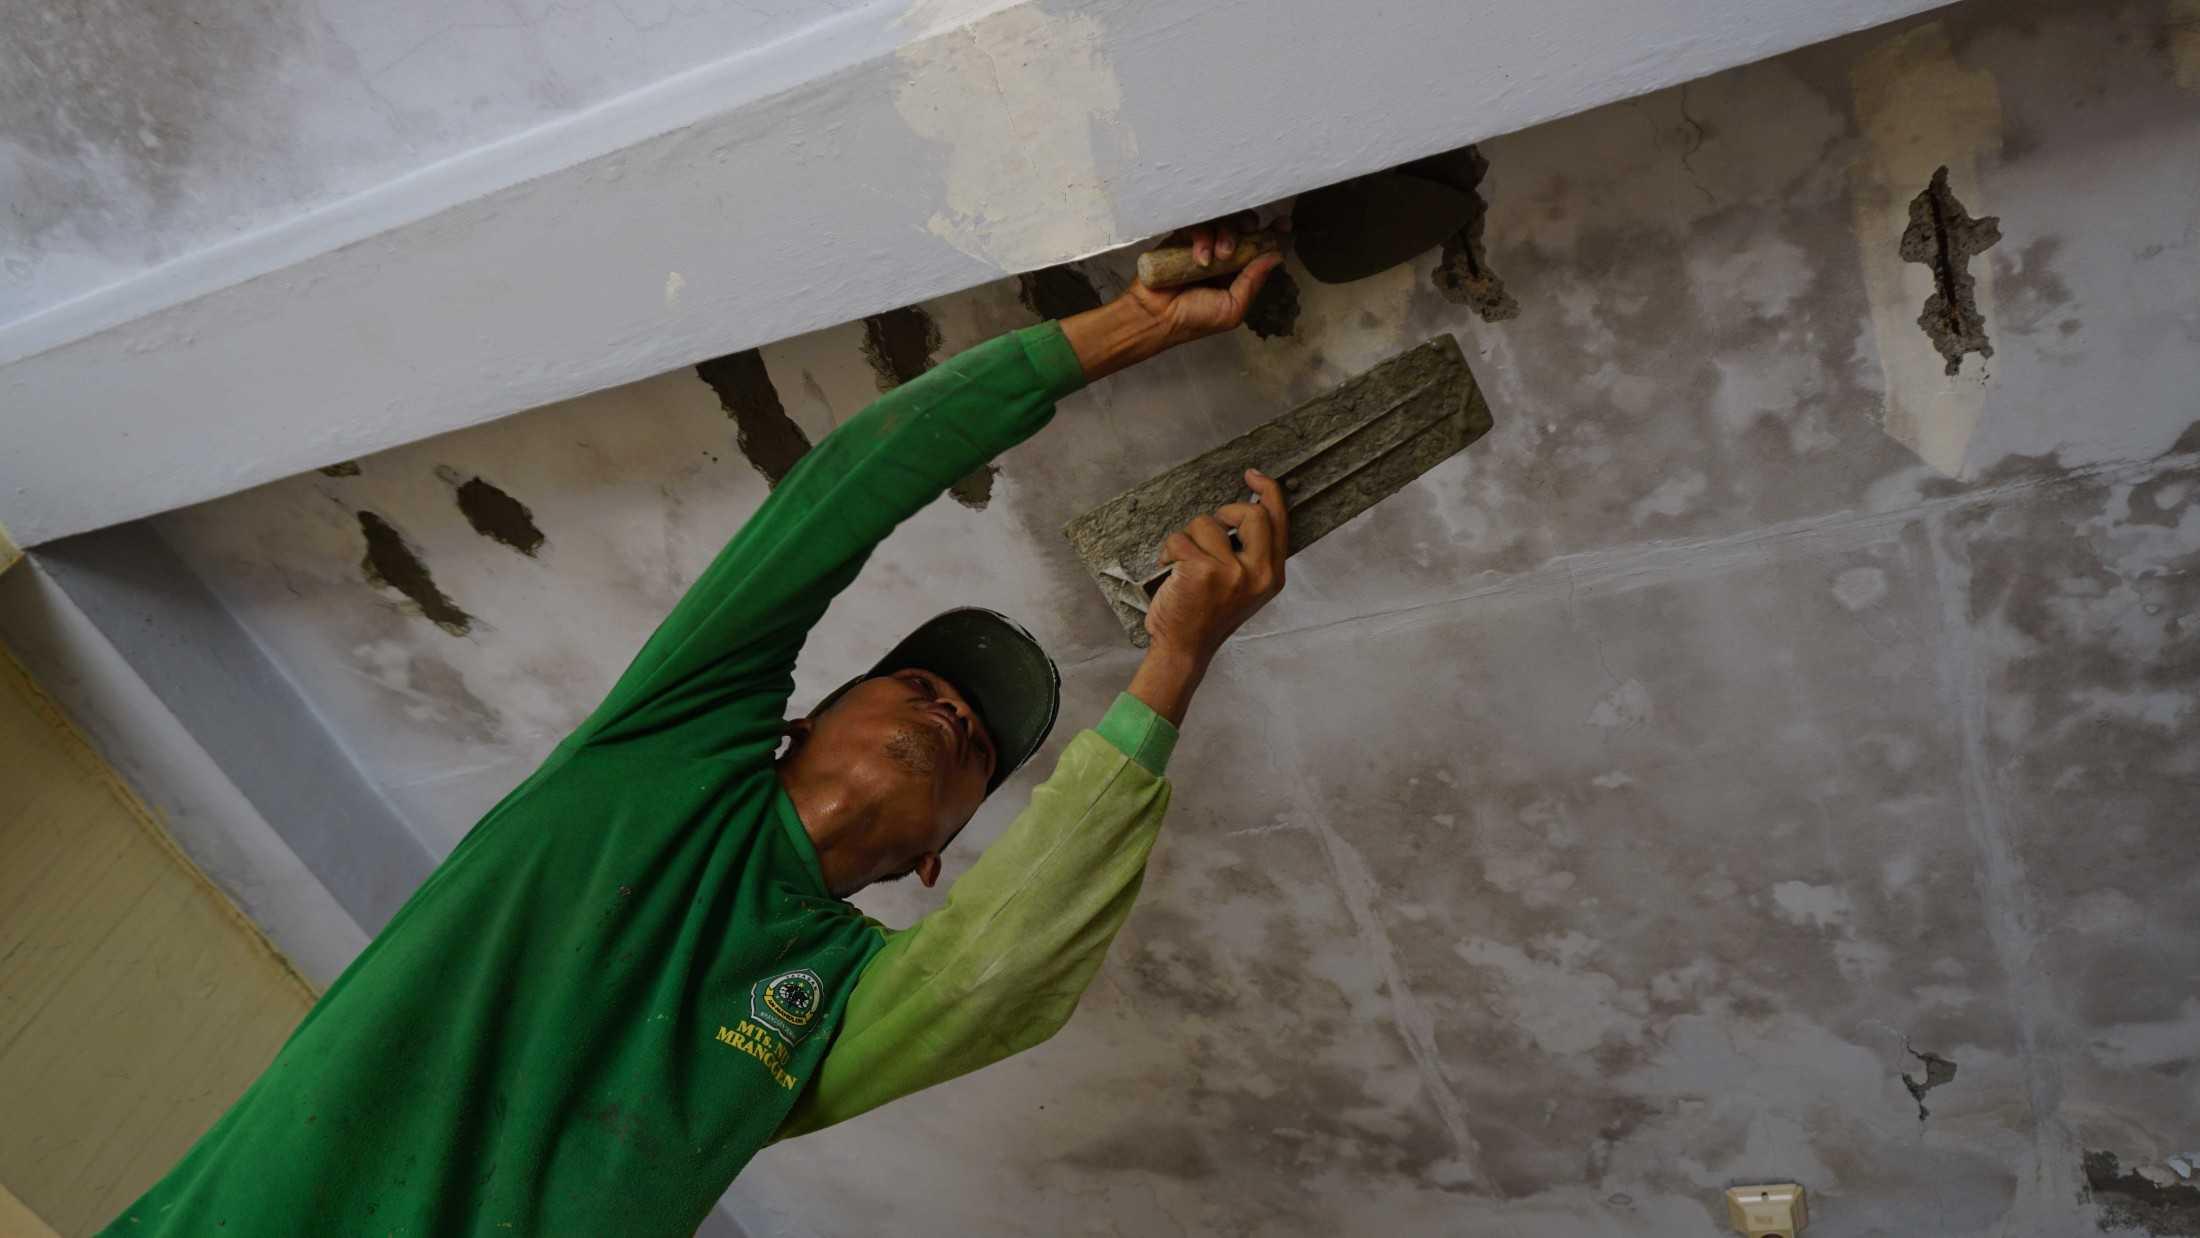 Rekoo Indonesia Perbaikan Dak Bocor Semarang, Kota Semarang, Jawa Tengah, Indonesia Semarang, Kota Semarang, Jawa Tengah, Indonesia Rekoo-Indonesia-Perbaikan-Dak-Bocor  128766